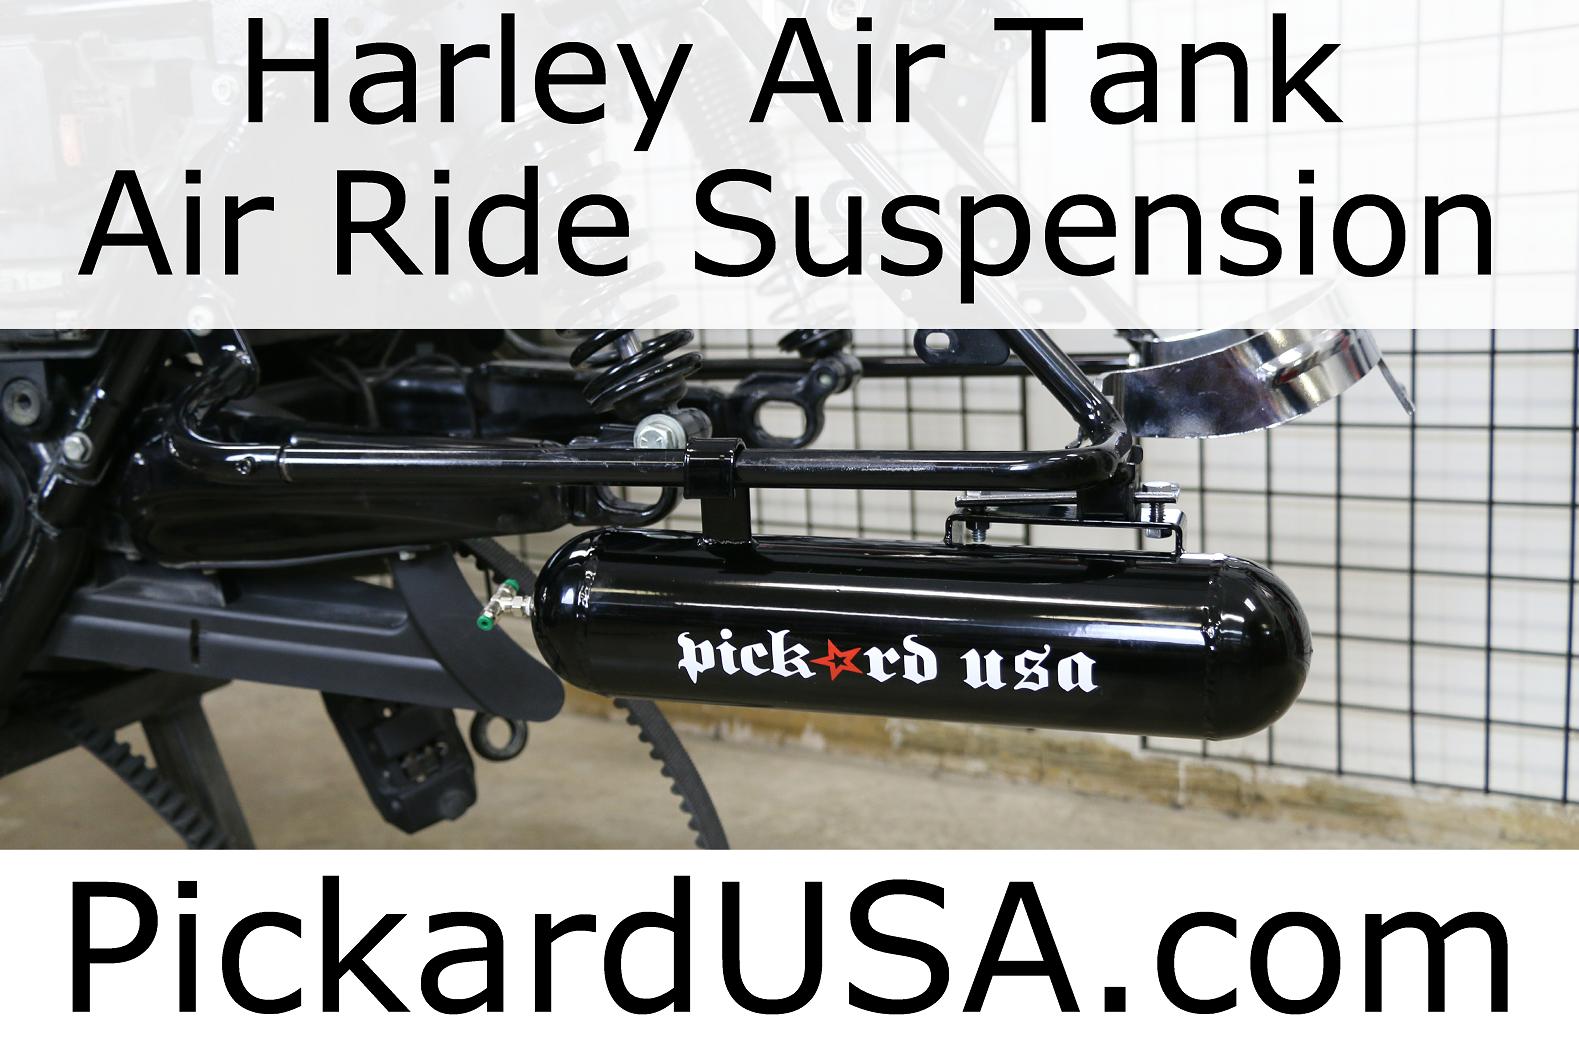 Harley Air Tank